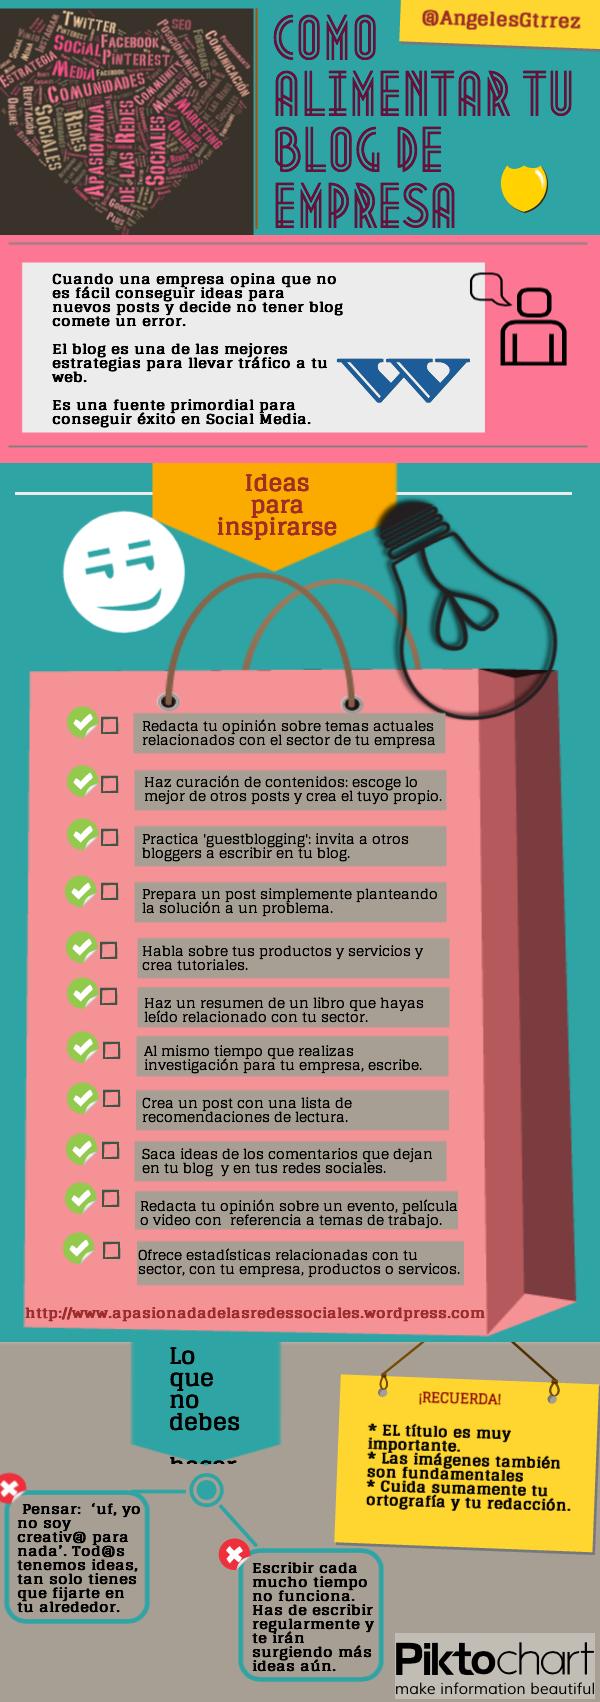 http://apasionadadelasredessociales.files.wordpress.com/2013/10/empresa-blog-ideas.png?w=1312